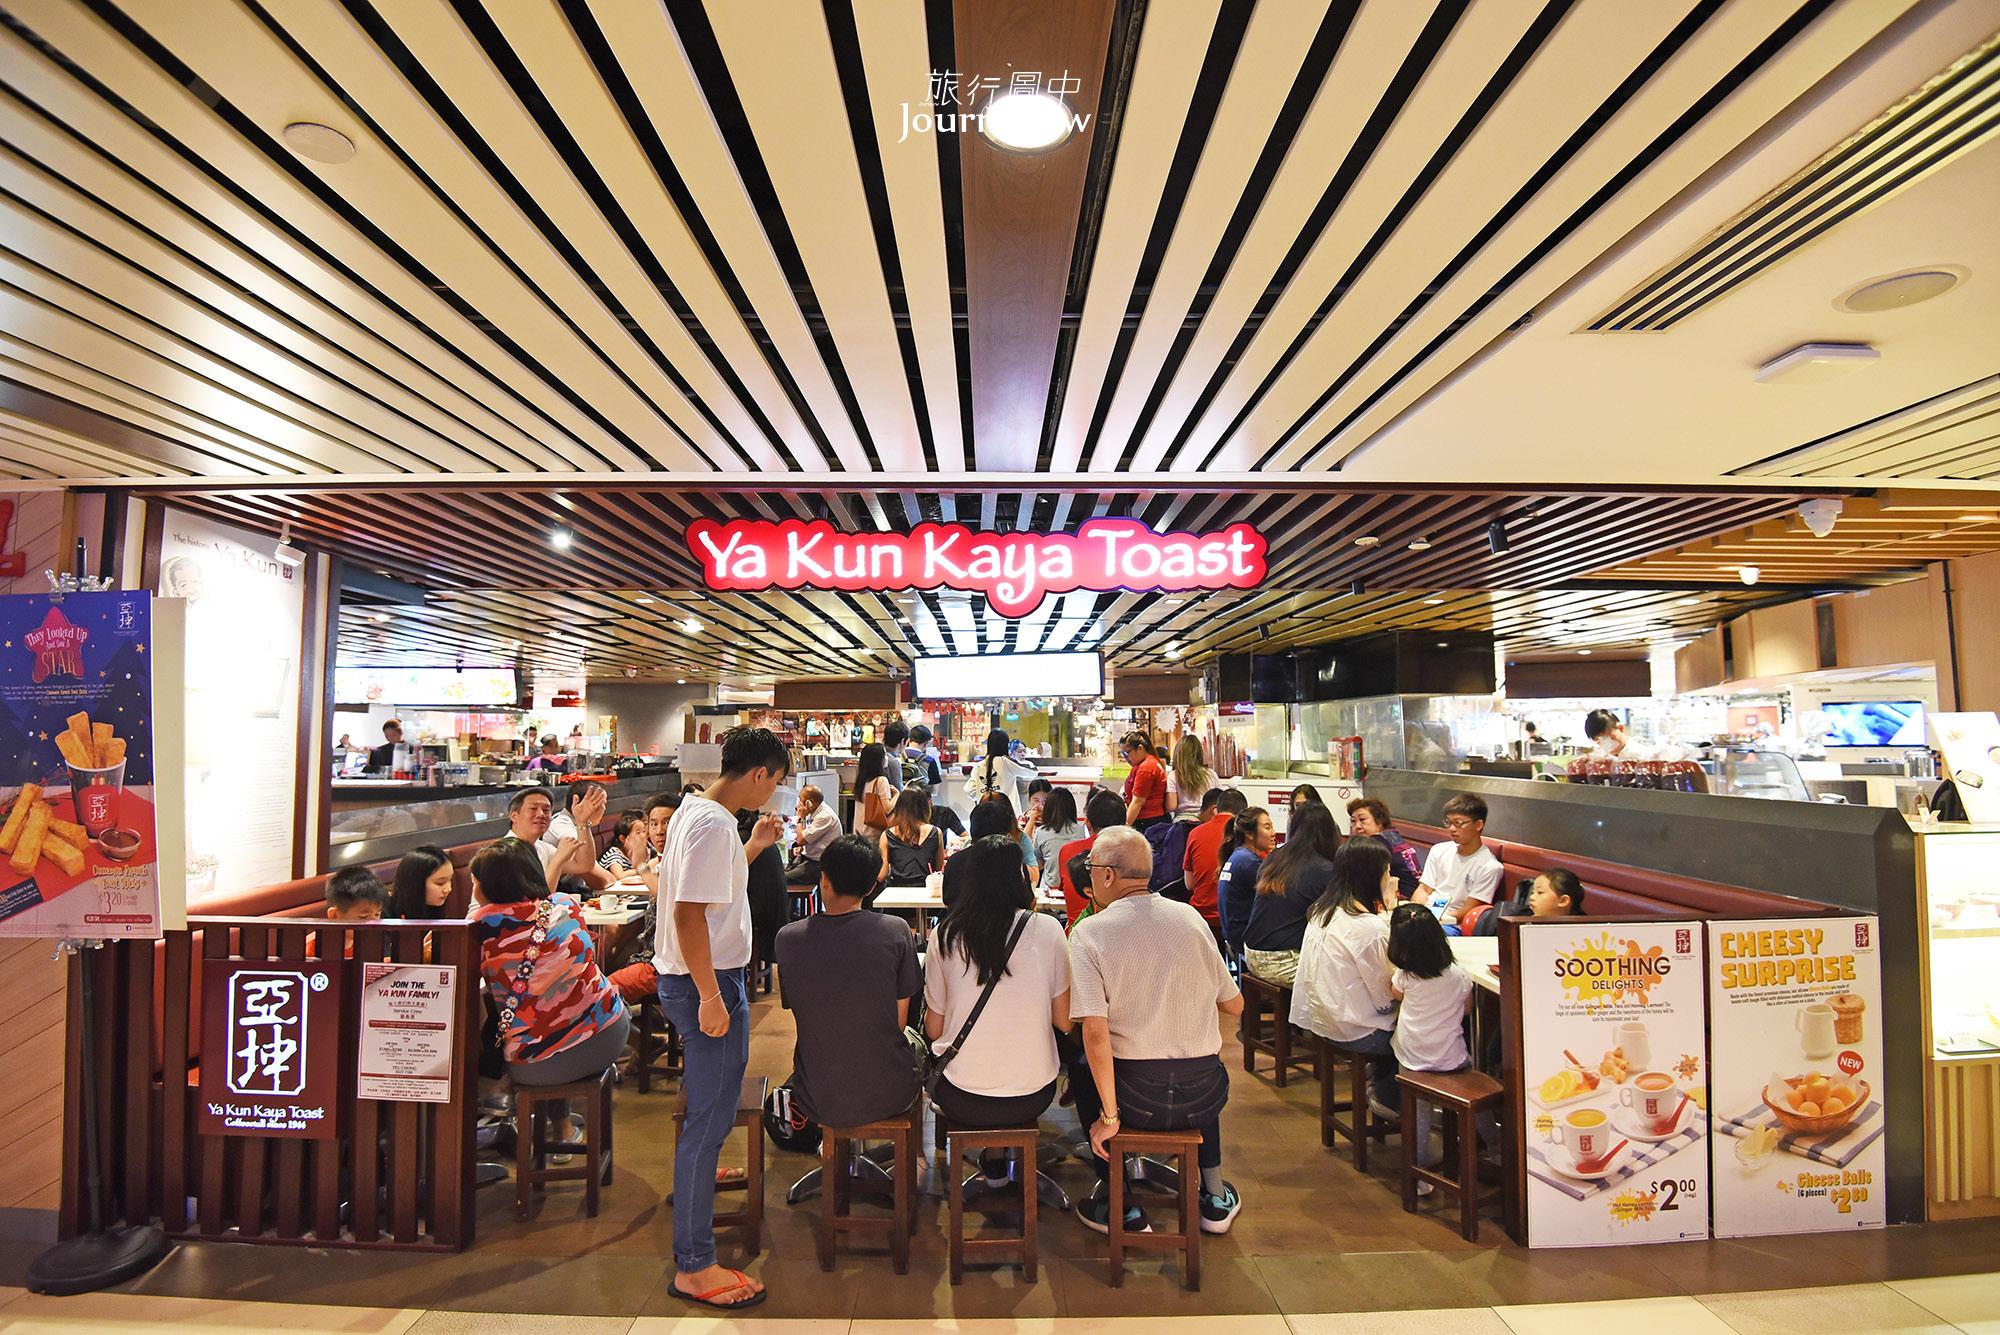 新加坡,新加坡美食,新加坡早餐,亞坤咖椰土司,Ya Kun